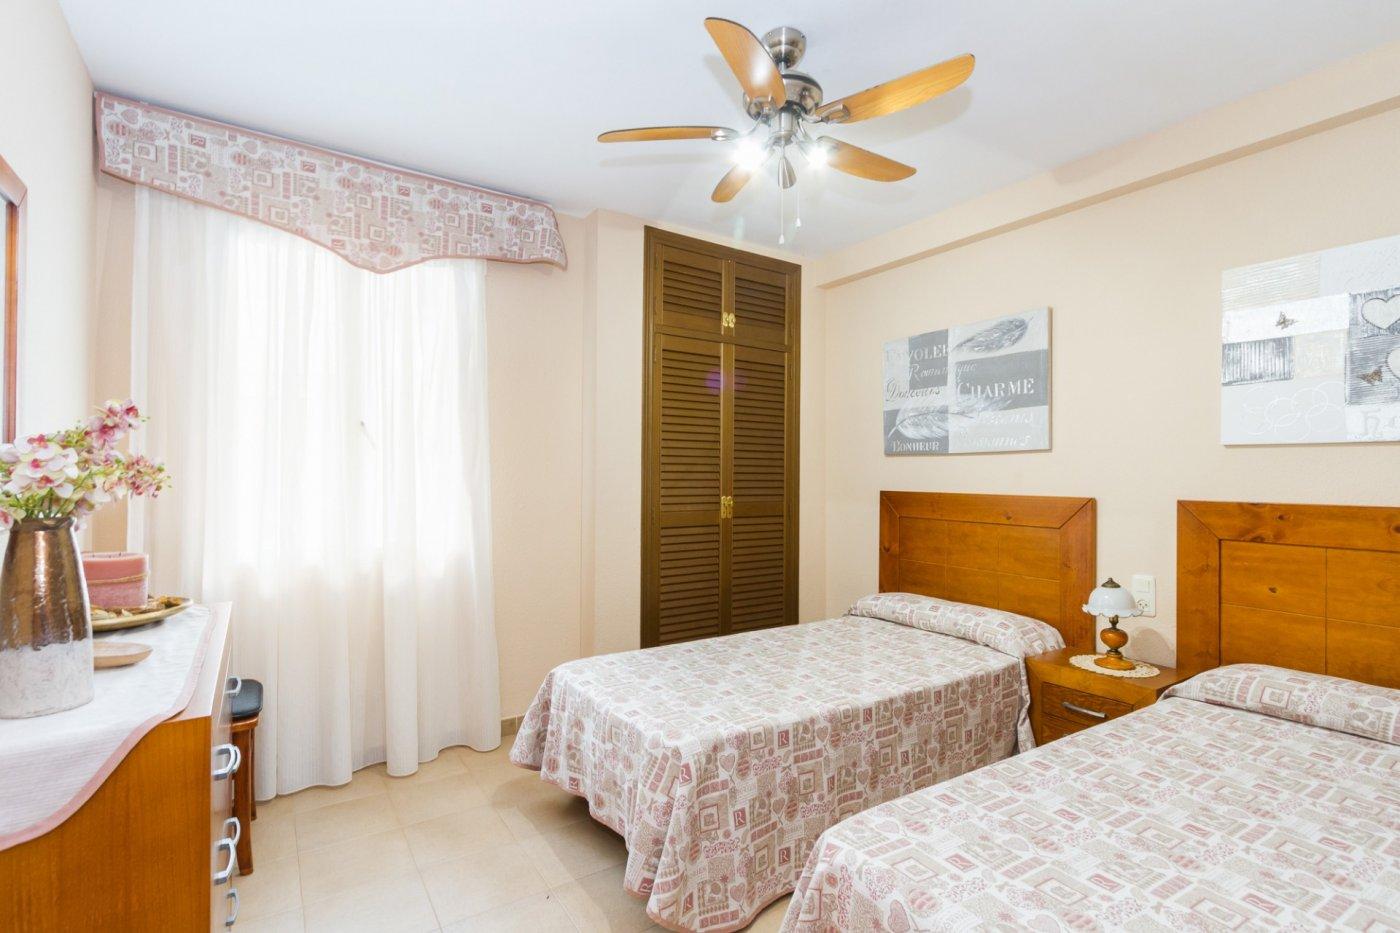 Venta de apartamento en xeraco - imagenInmueble22